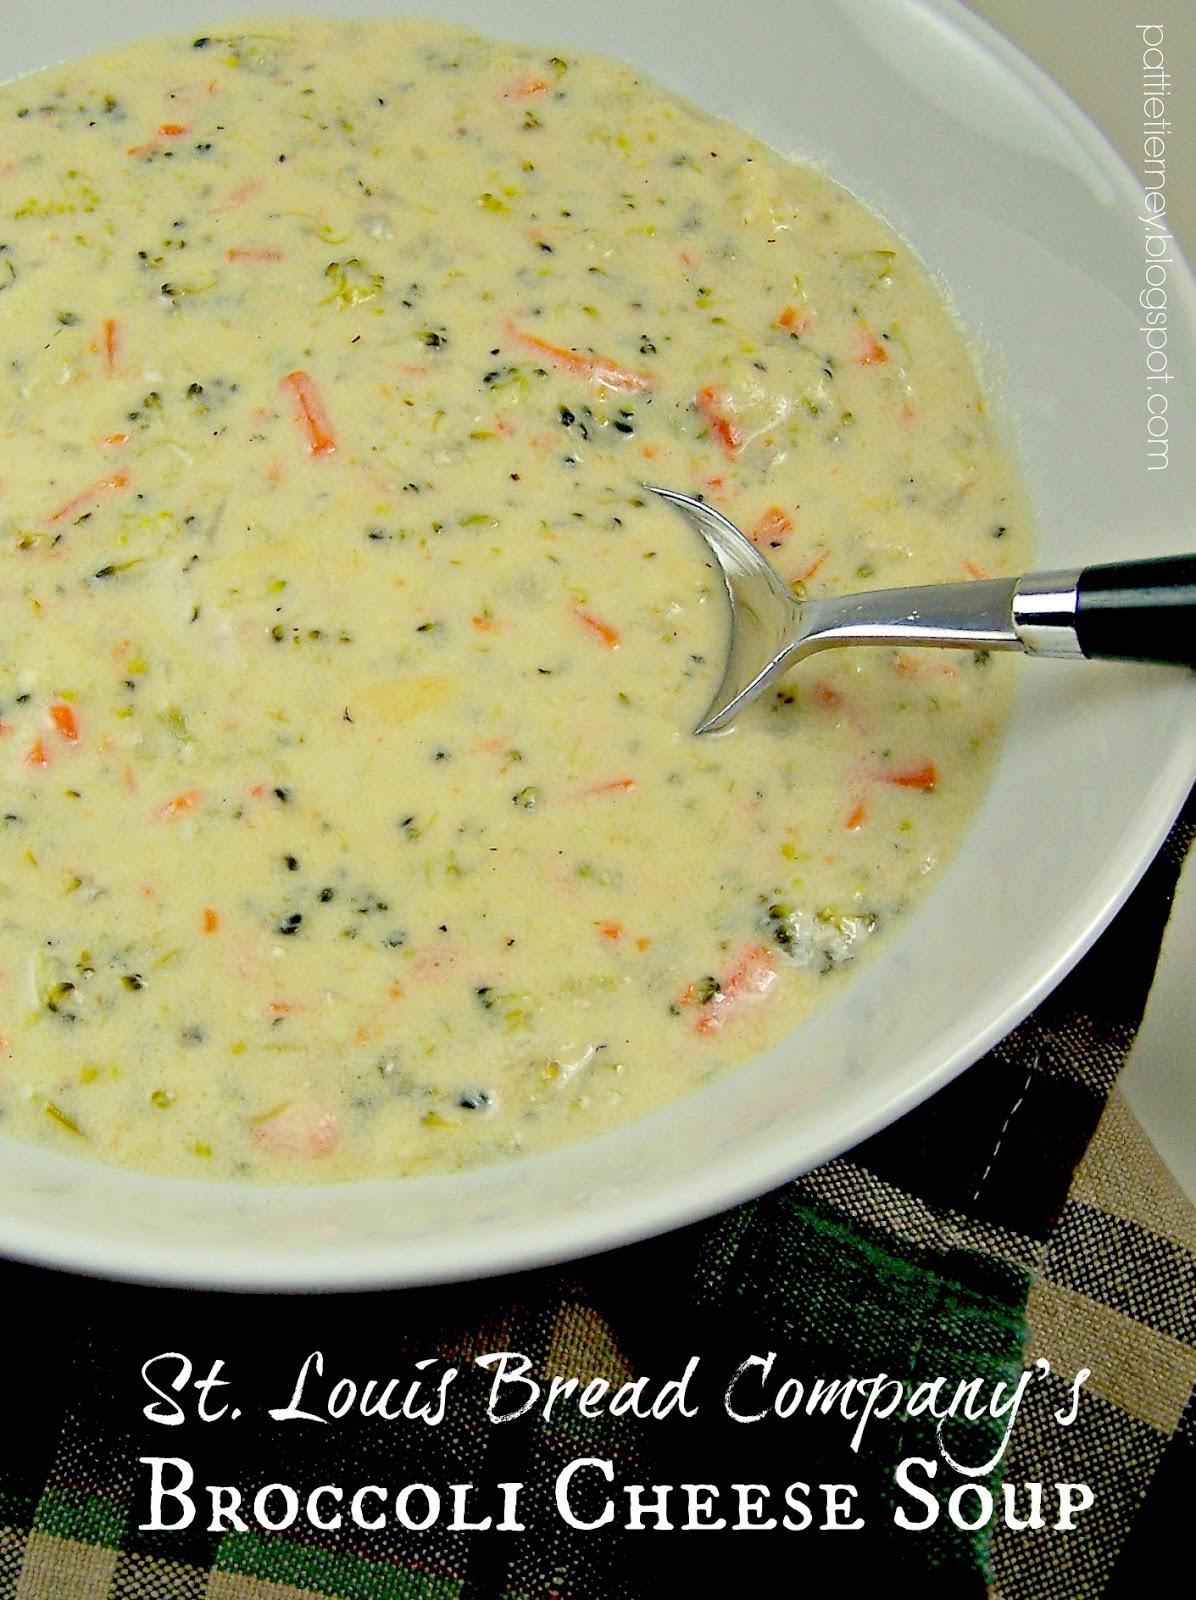 Olla-Podrida: St. Louis Bread Company\'s Broccoli Cheese Soup